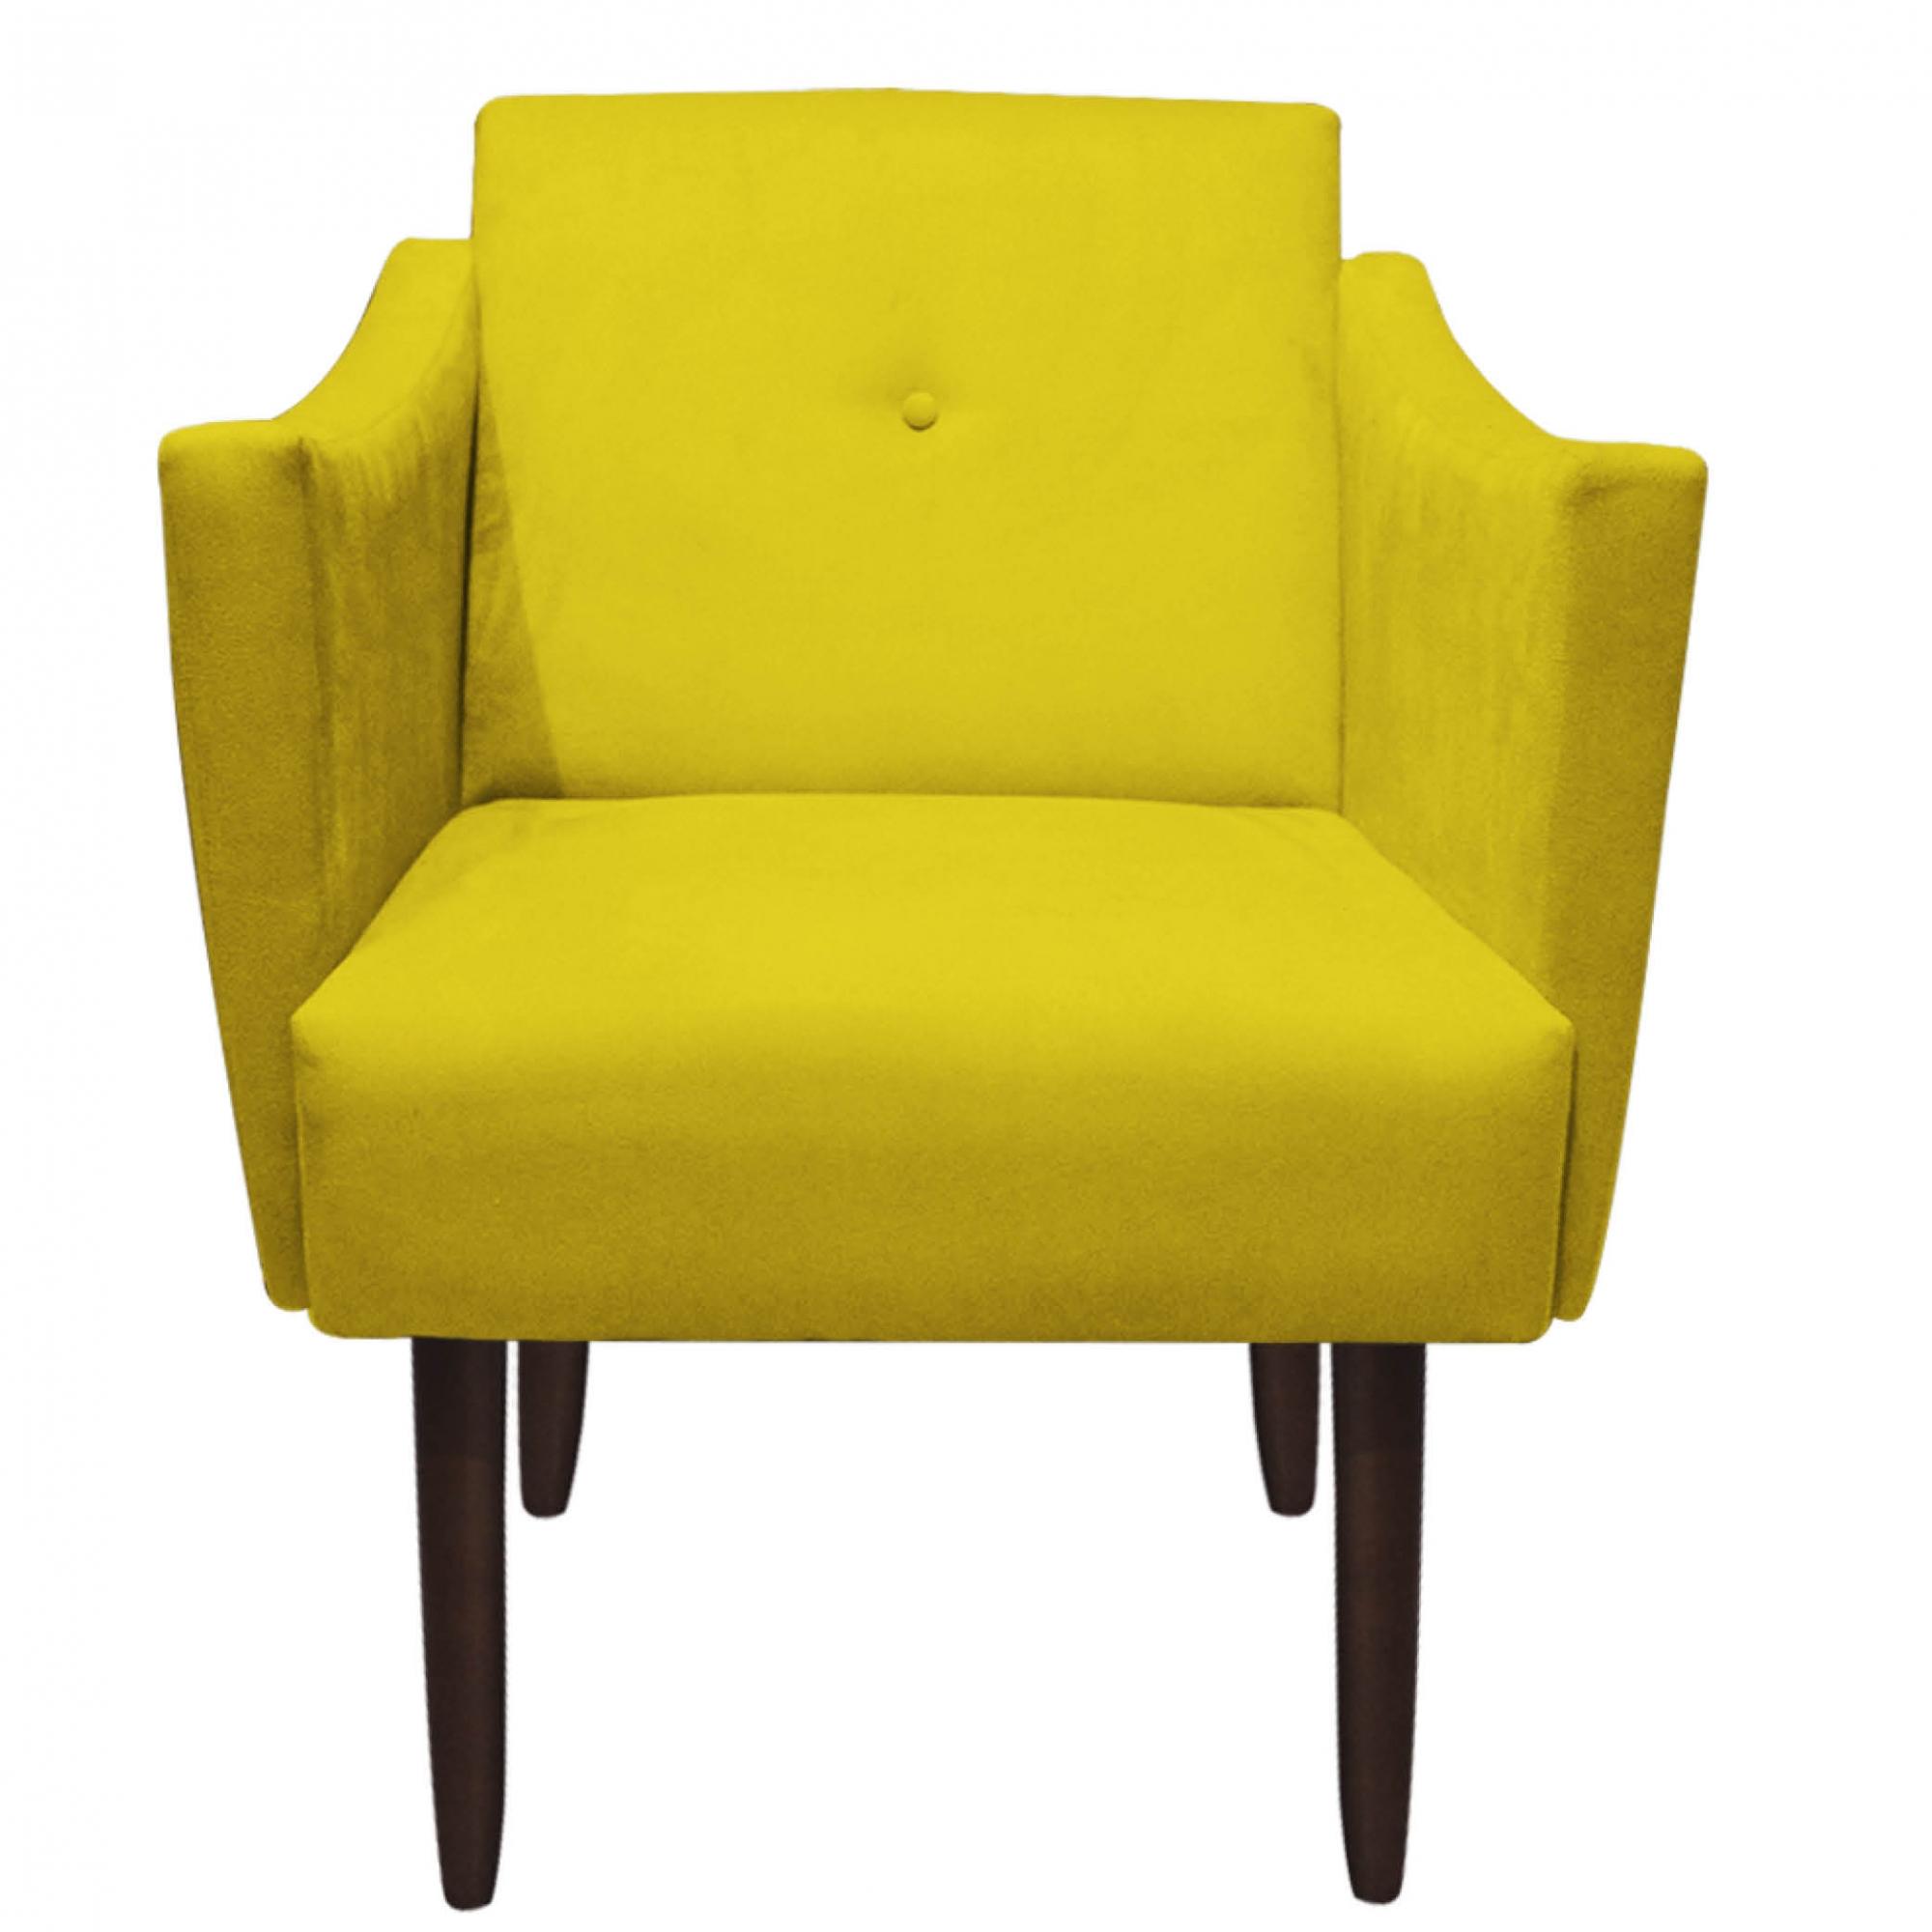 Kit 2 Poltrona Naty Decoração Escritório Salão Cadeira Recepção Escritório Sala Estar D'Classe Decor Suede Amarelo